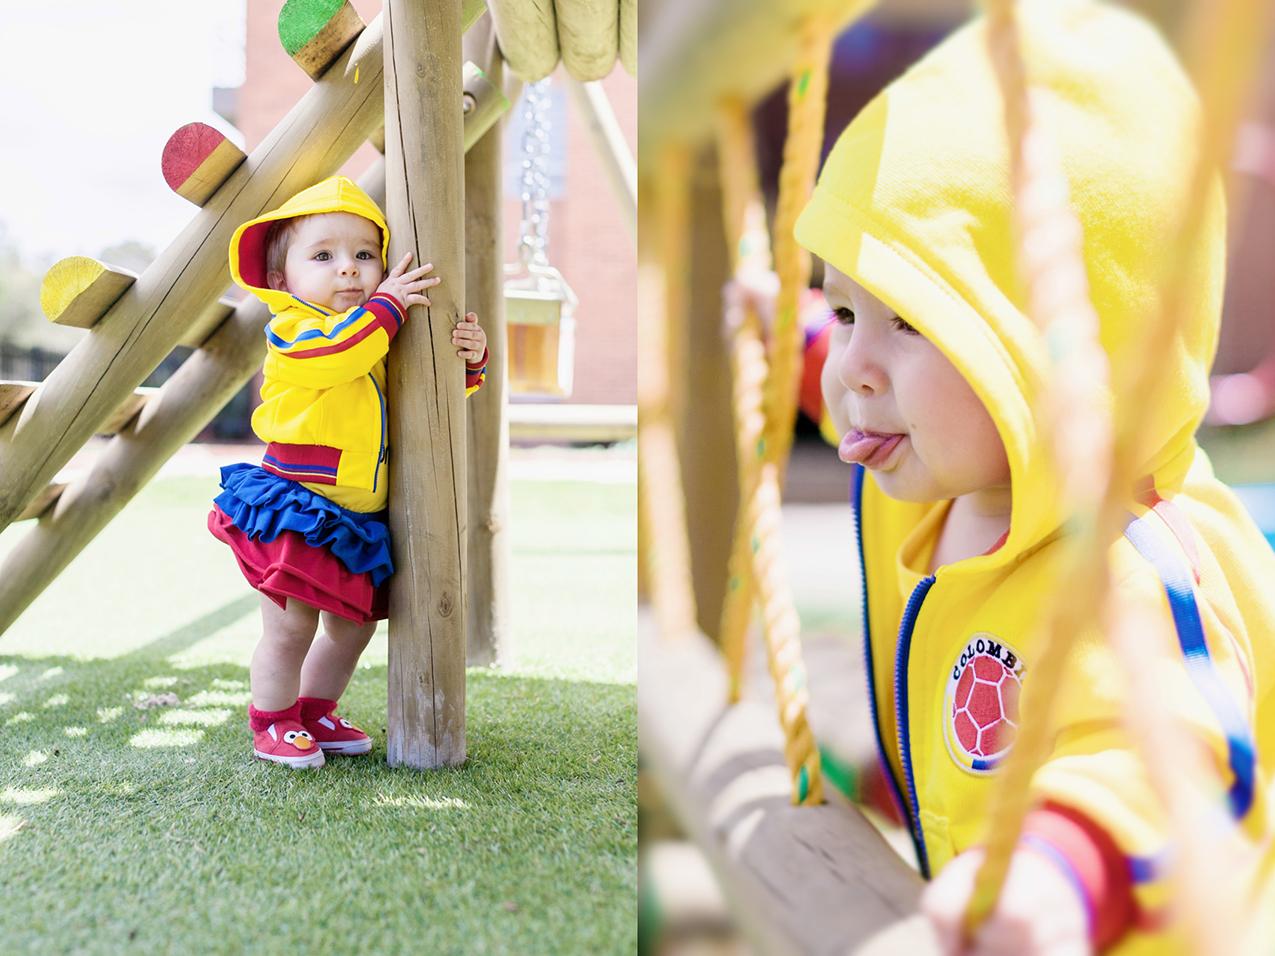 45fotografia-de-niños-bebes-recien-nacido-embarazo-retratos.jpg